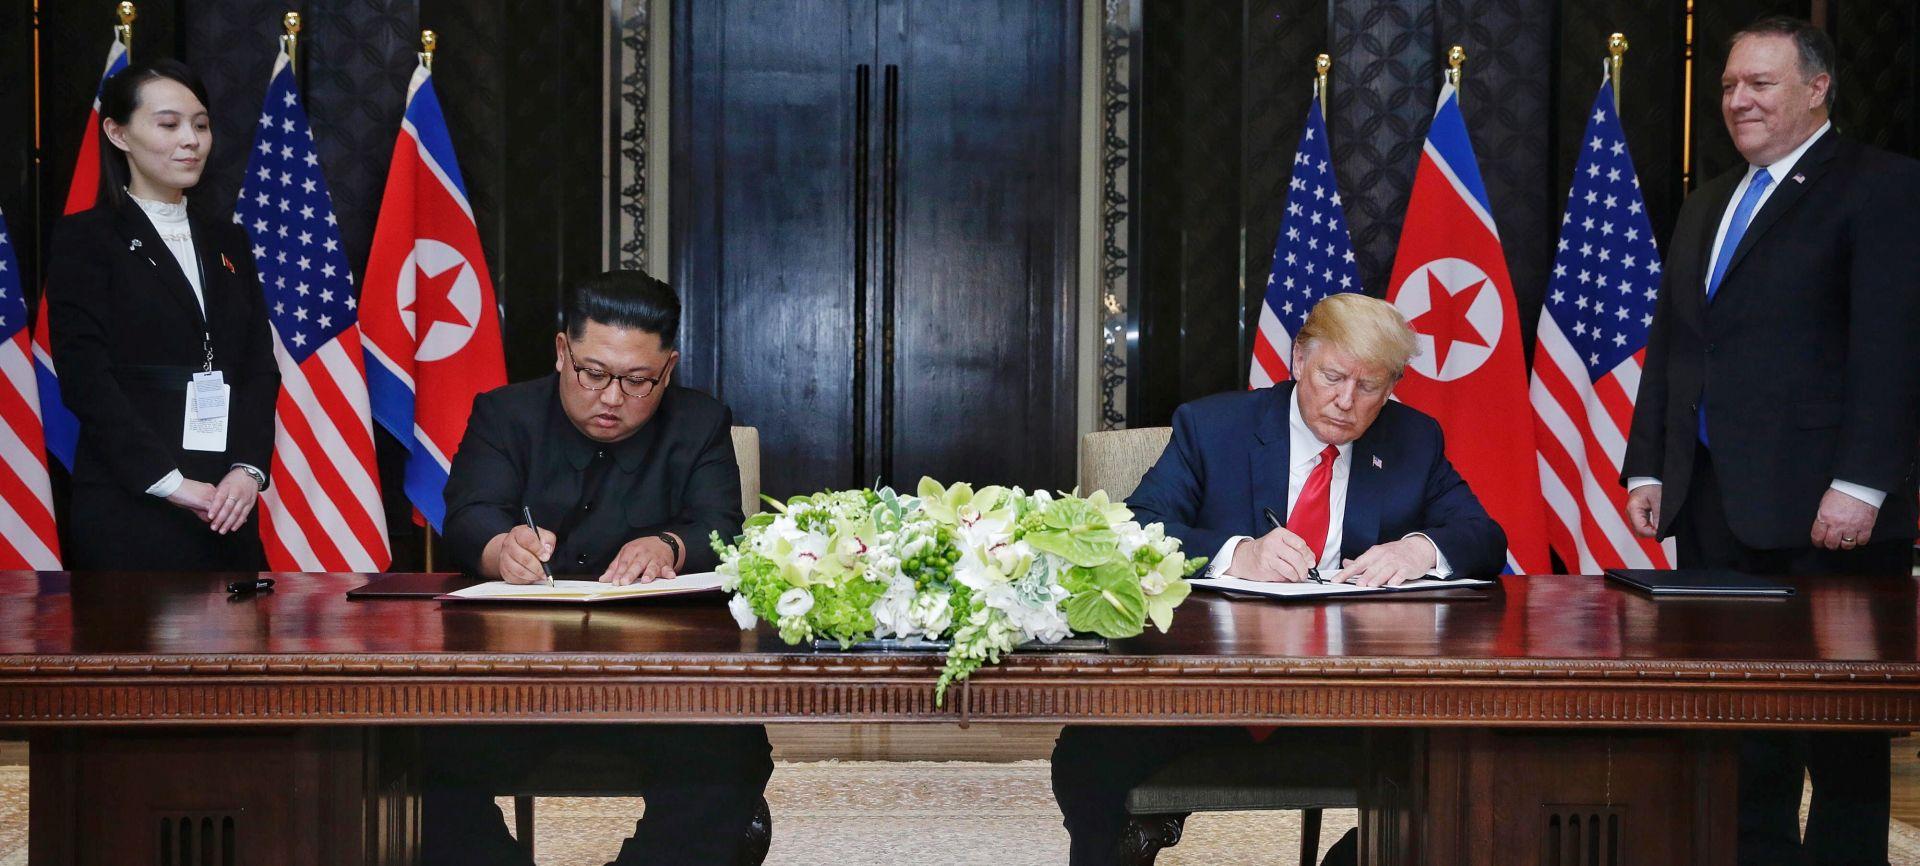 Evo što su potpisali Trump i Kim